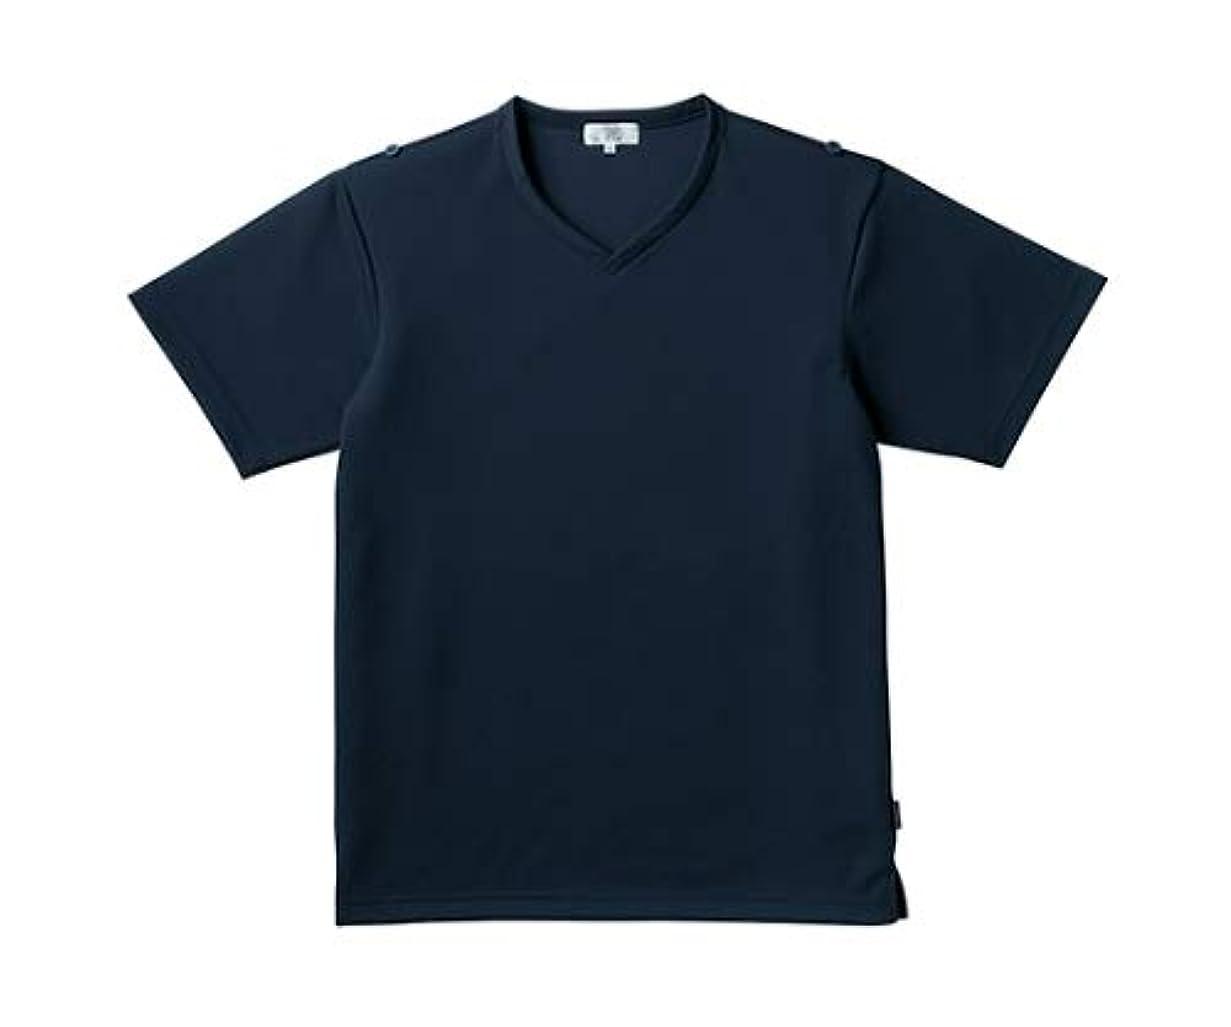 請求あいまいな最初はトンボ/KIRAKU 入浴介助用シャツ CR160 S ネイビー